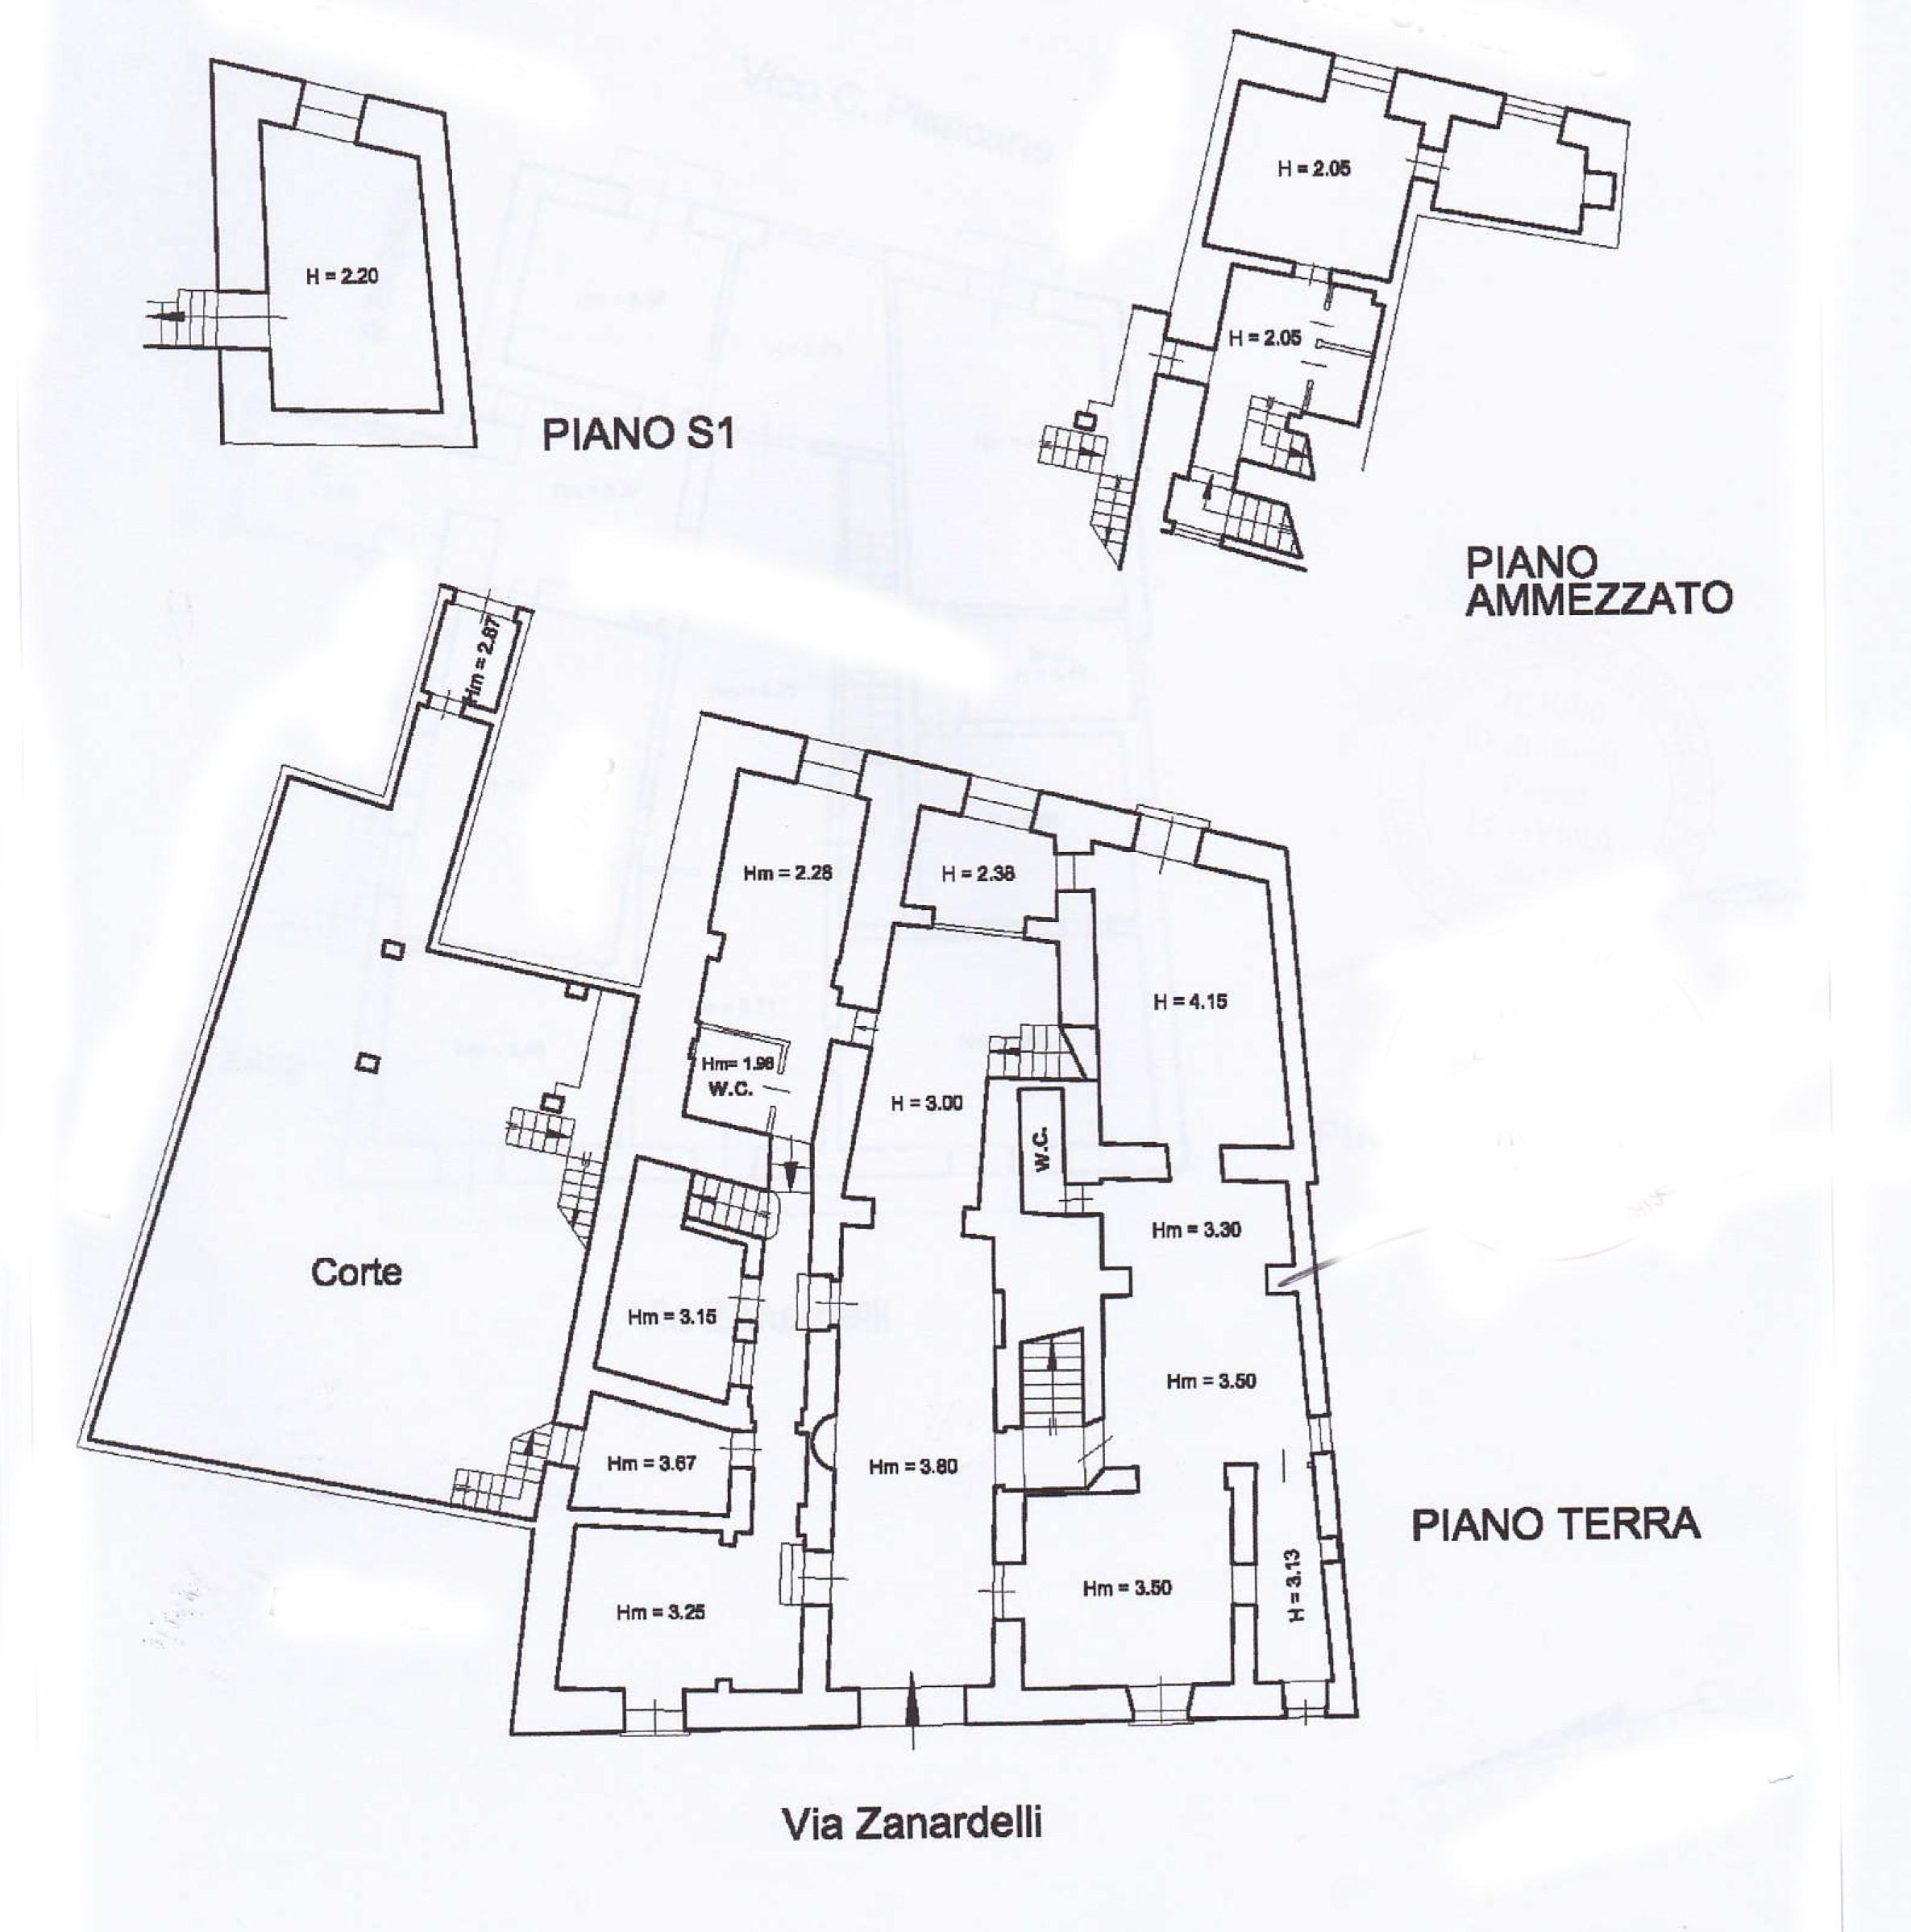 Planimetria via Zanardelli 19 1